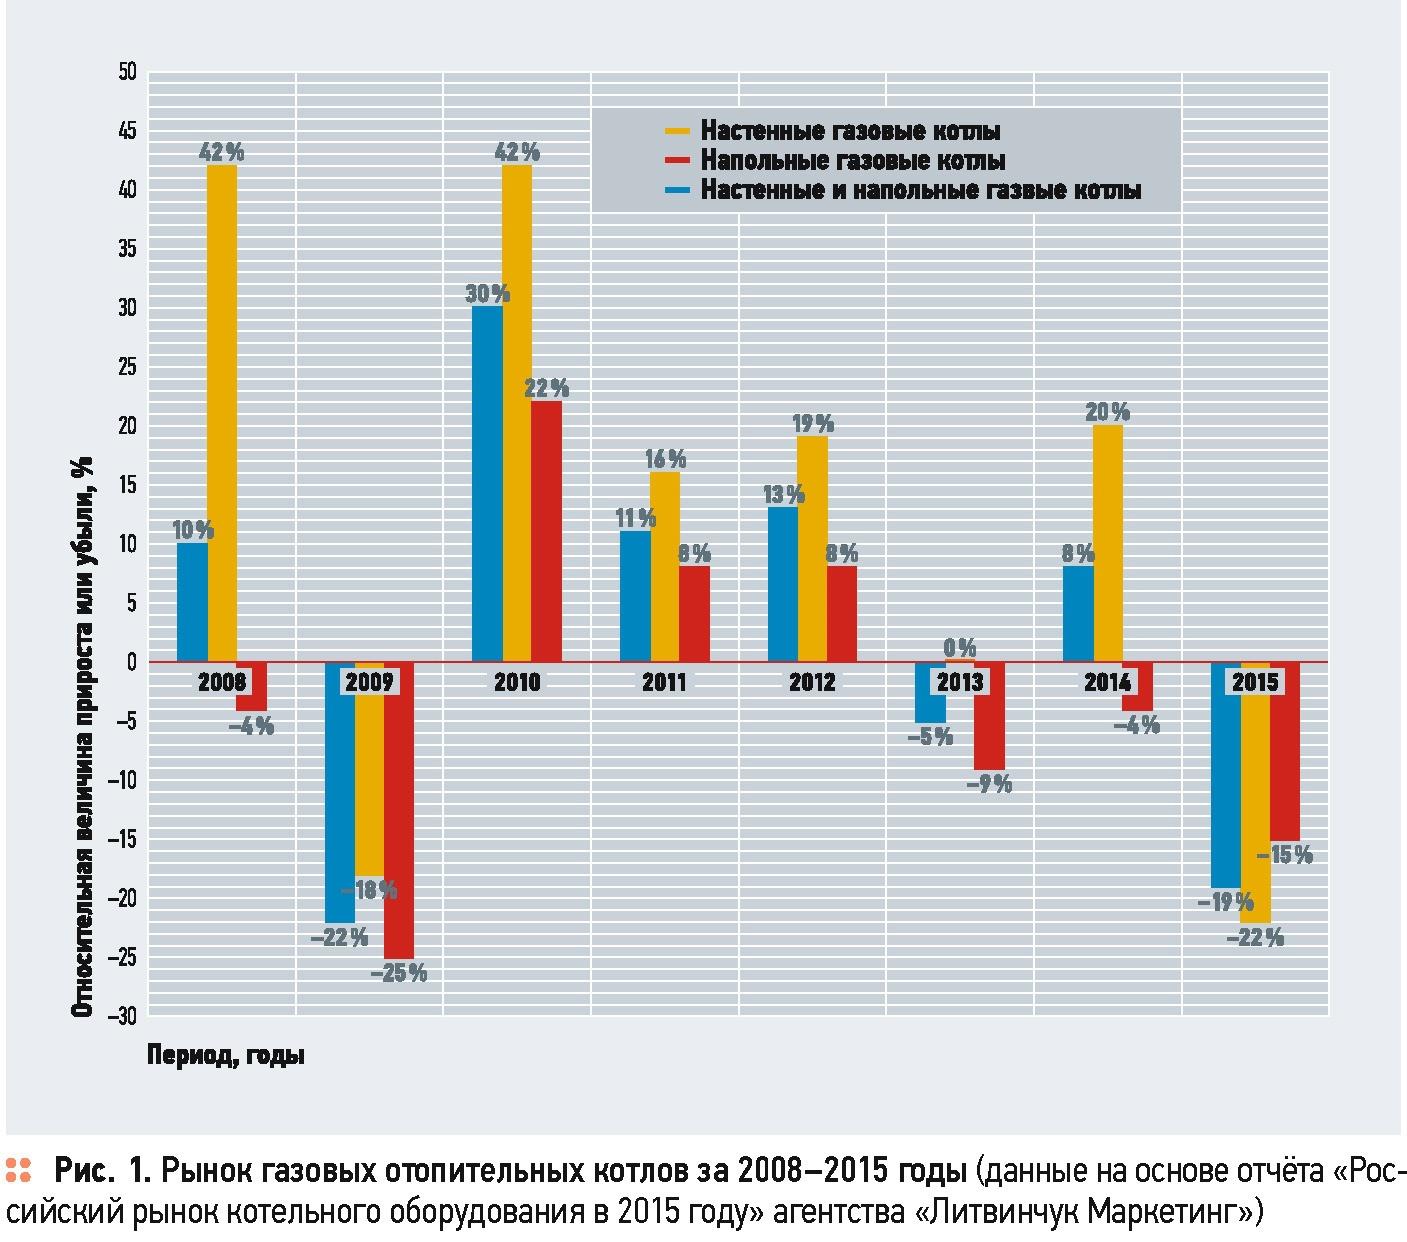 Рынок газового оборудования: метаморфозы и перспективы . 2/2017. Фото 1